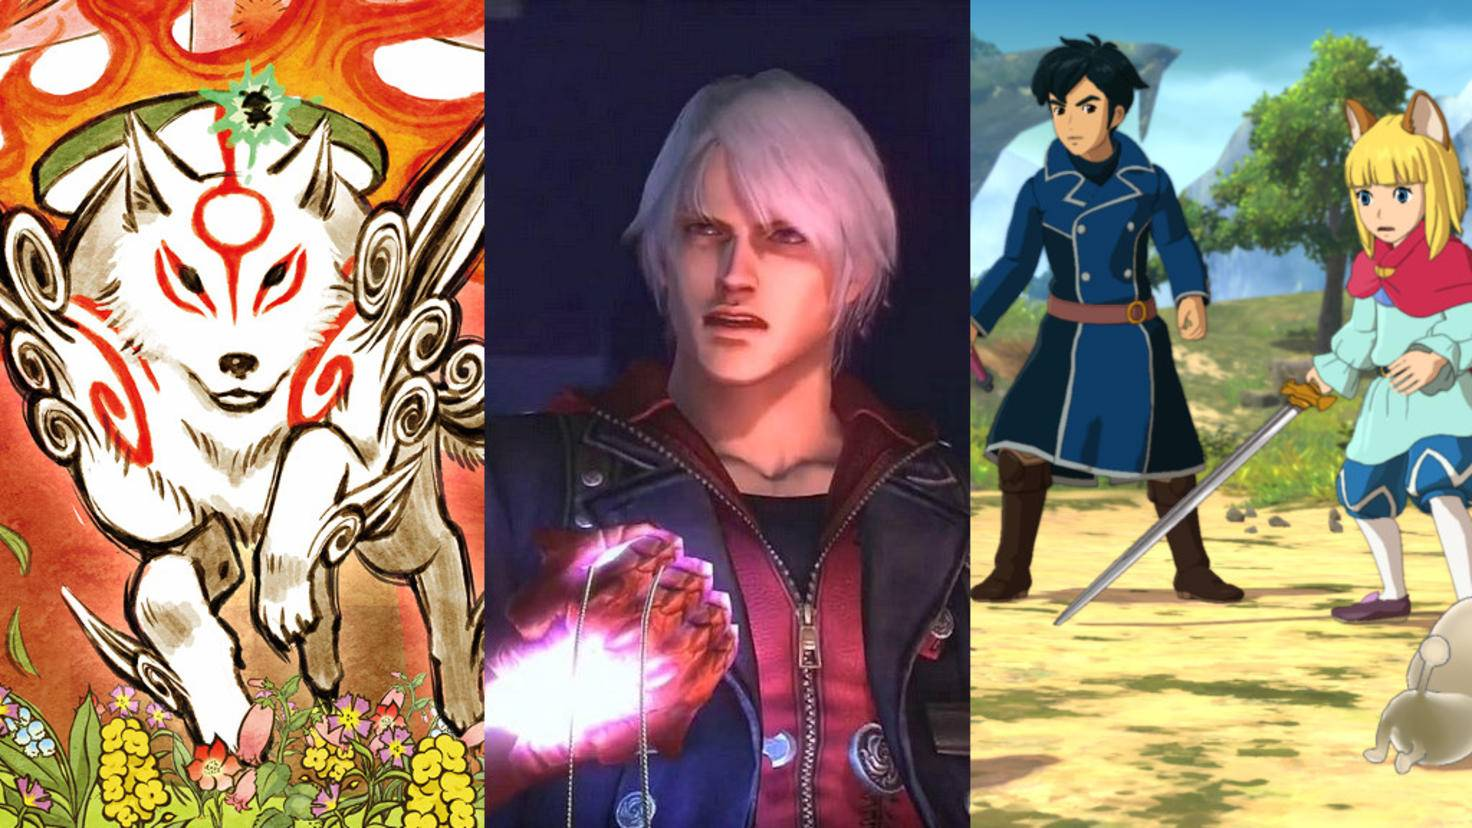 """Du suchst Games wie """"Kingdom Hearts 3""""? Wir haben ein paar für Dich zusammengetragen!"""